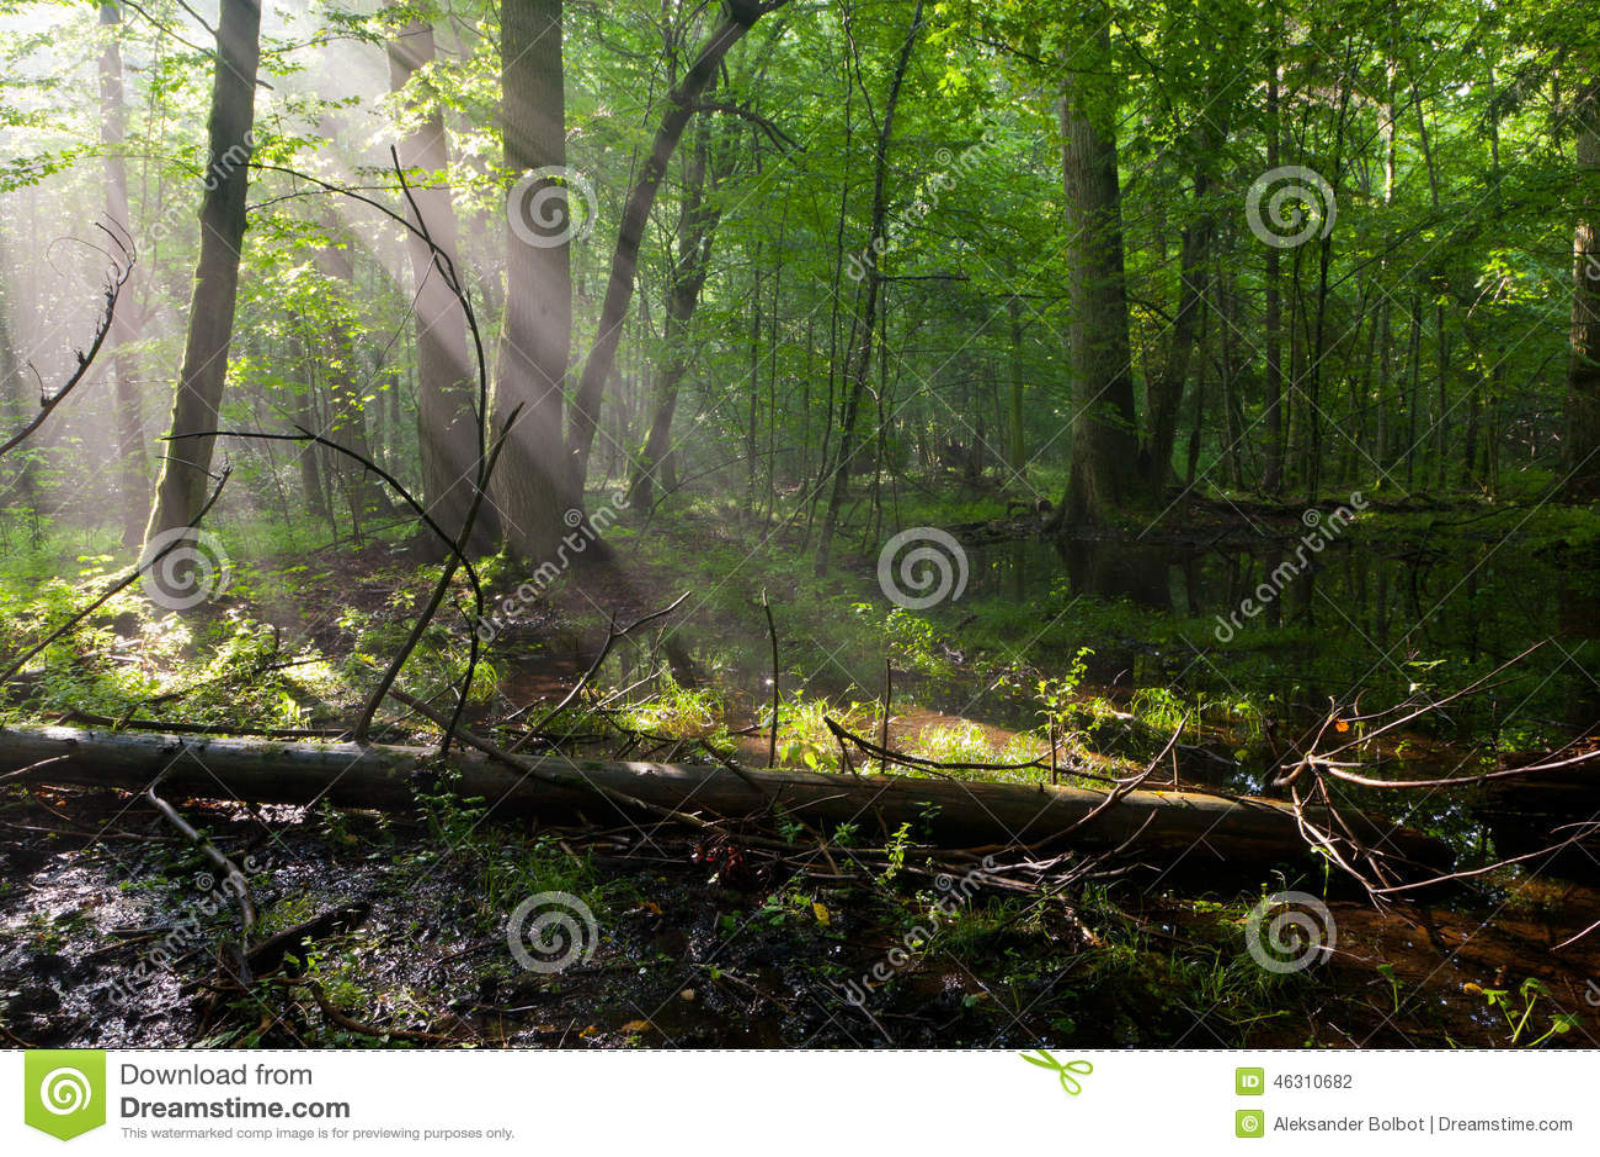 Полдень лета при свет входя в богатую лиственную стойку